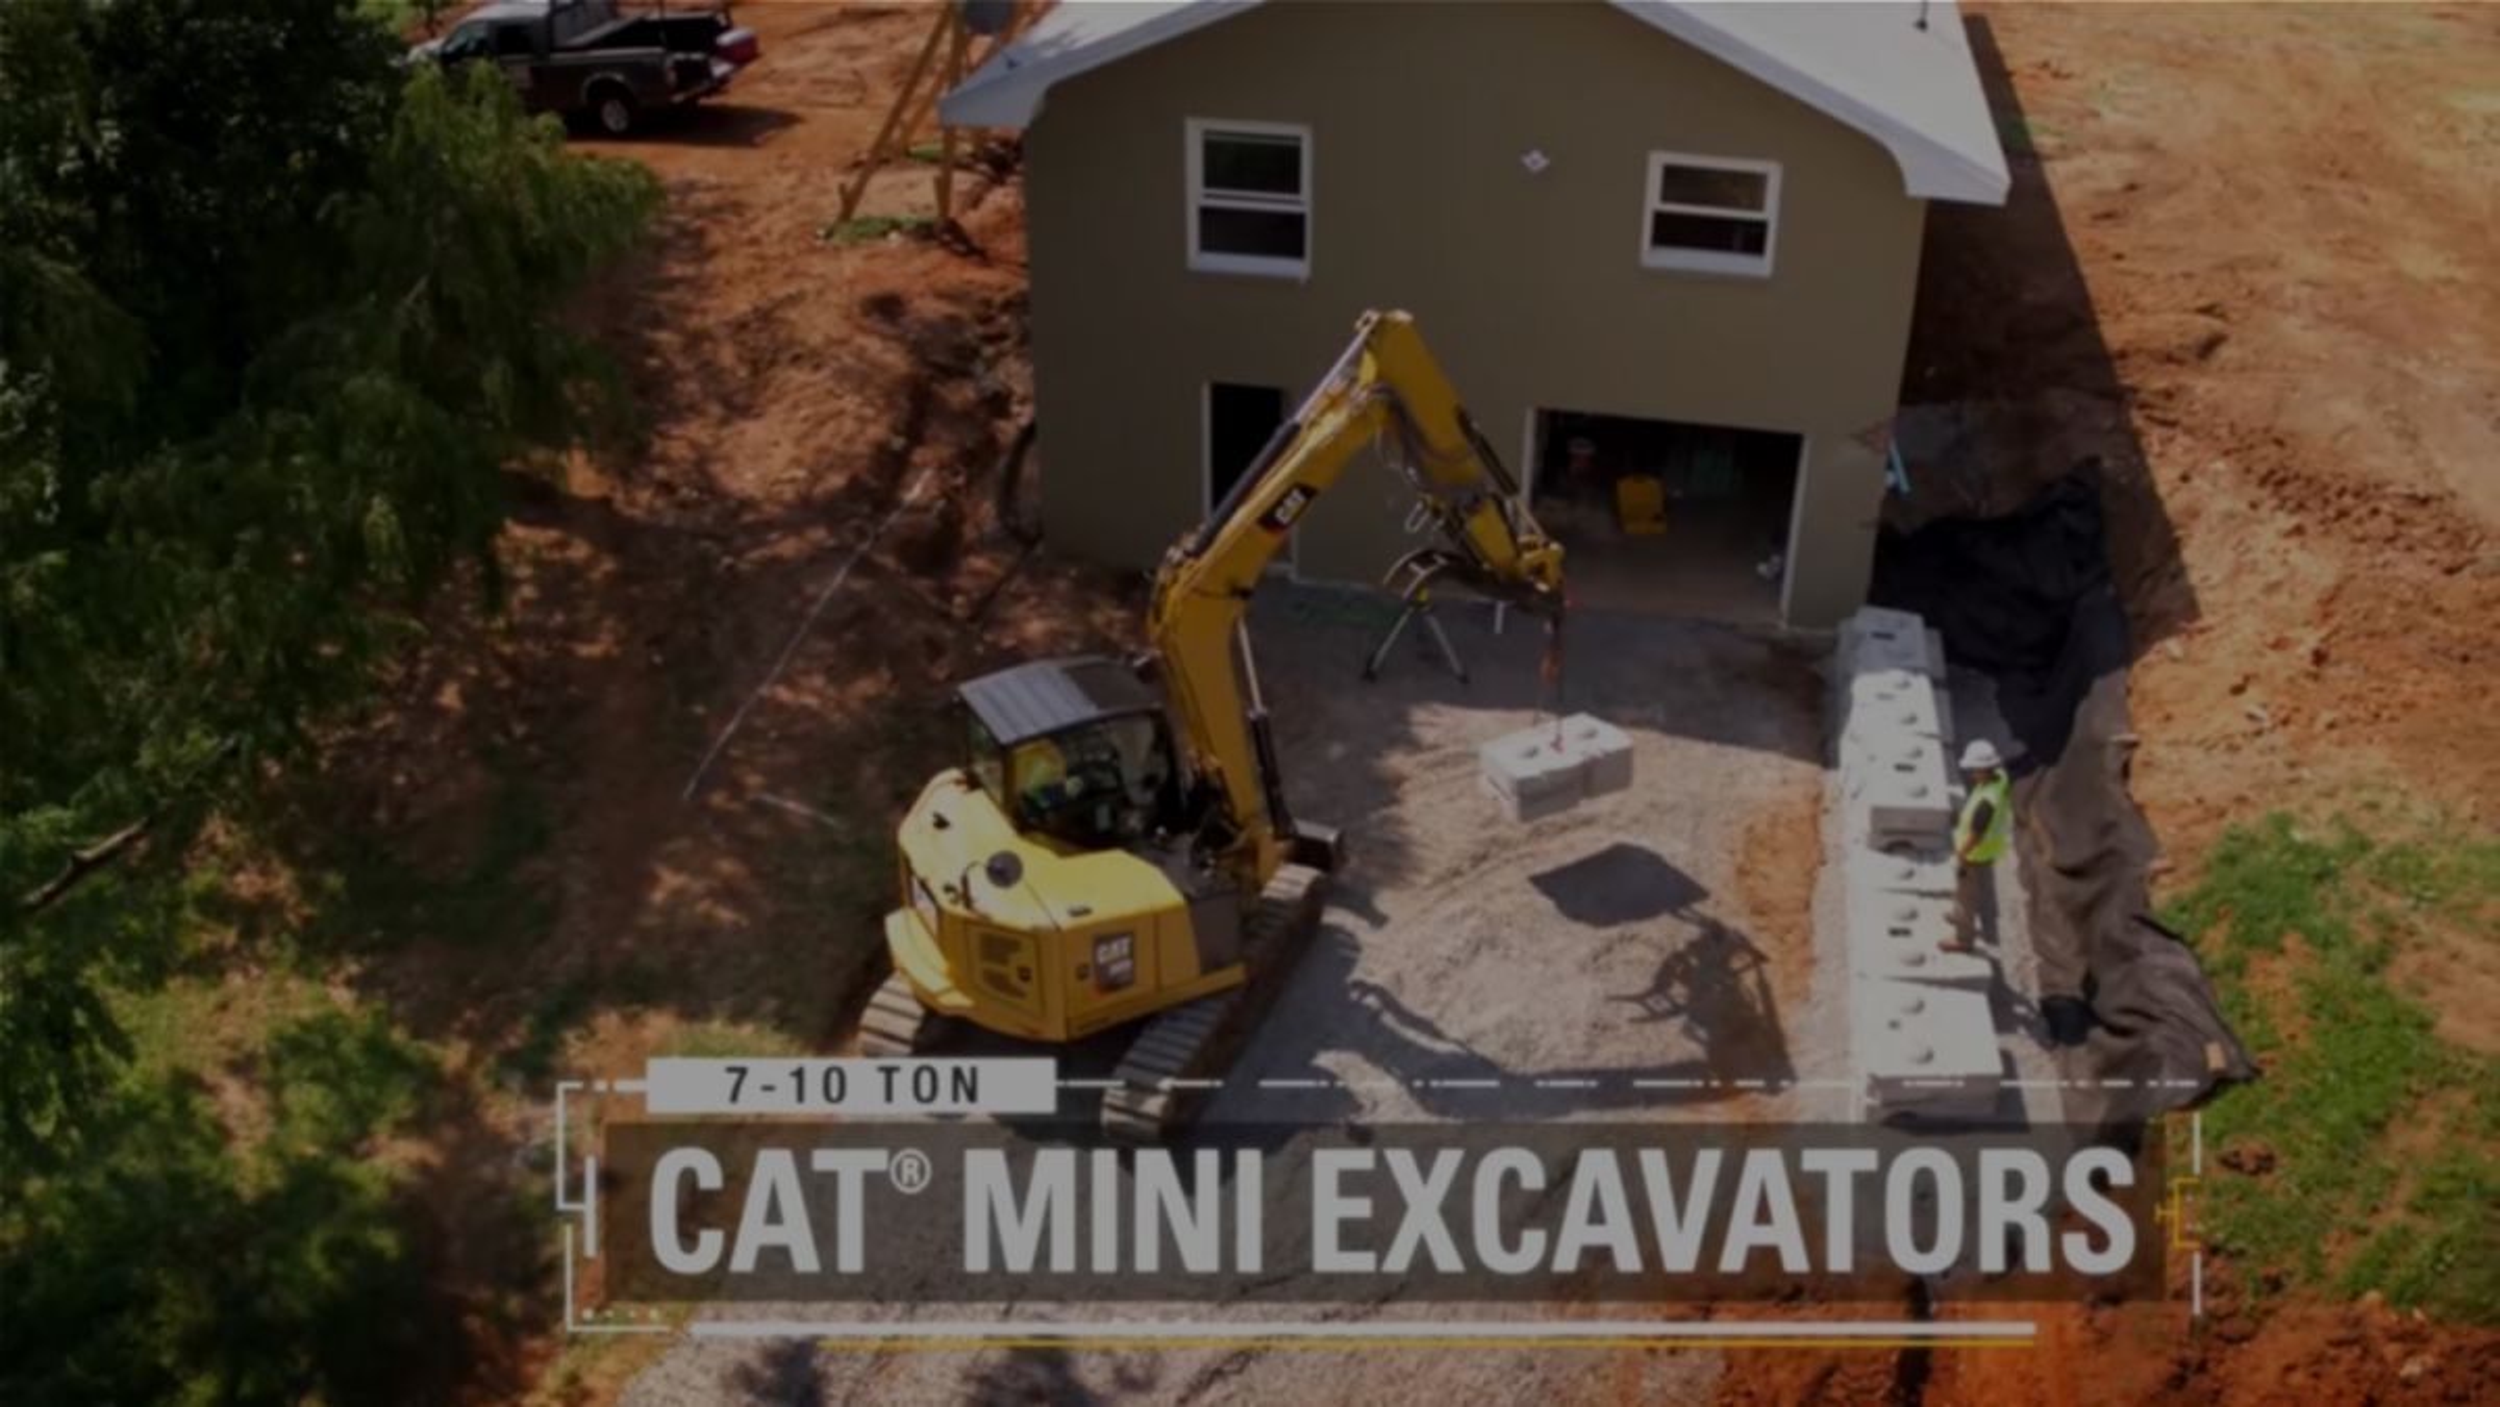 Cat® Mini Excavators: 1-2 Ton